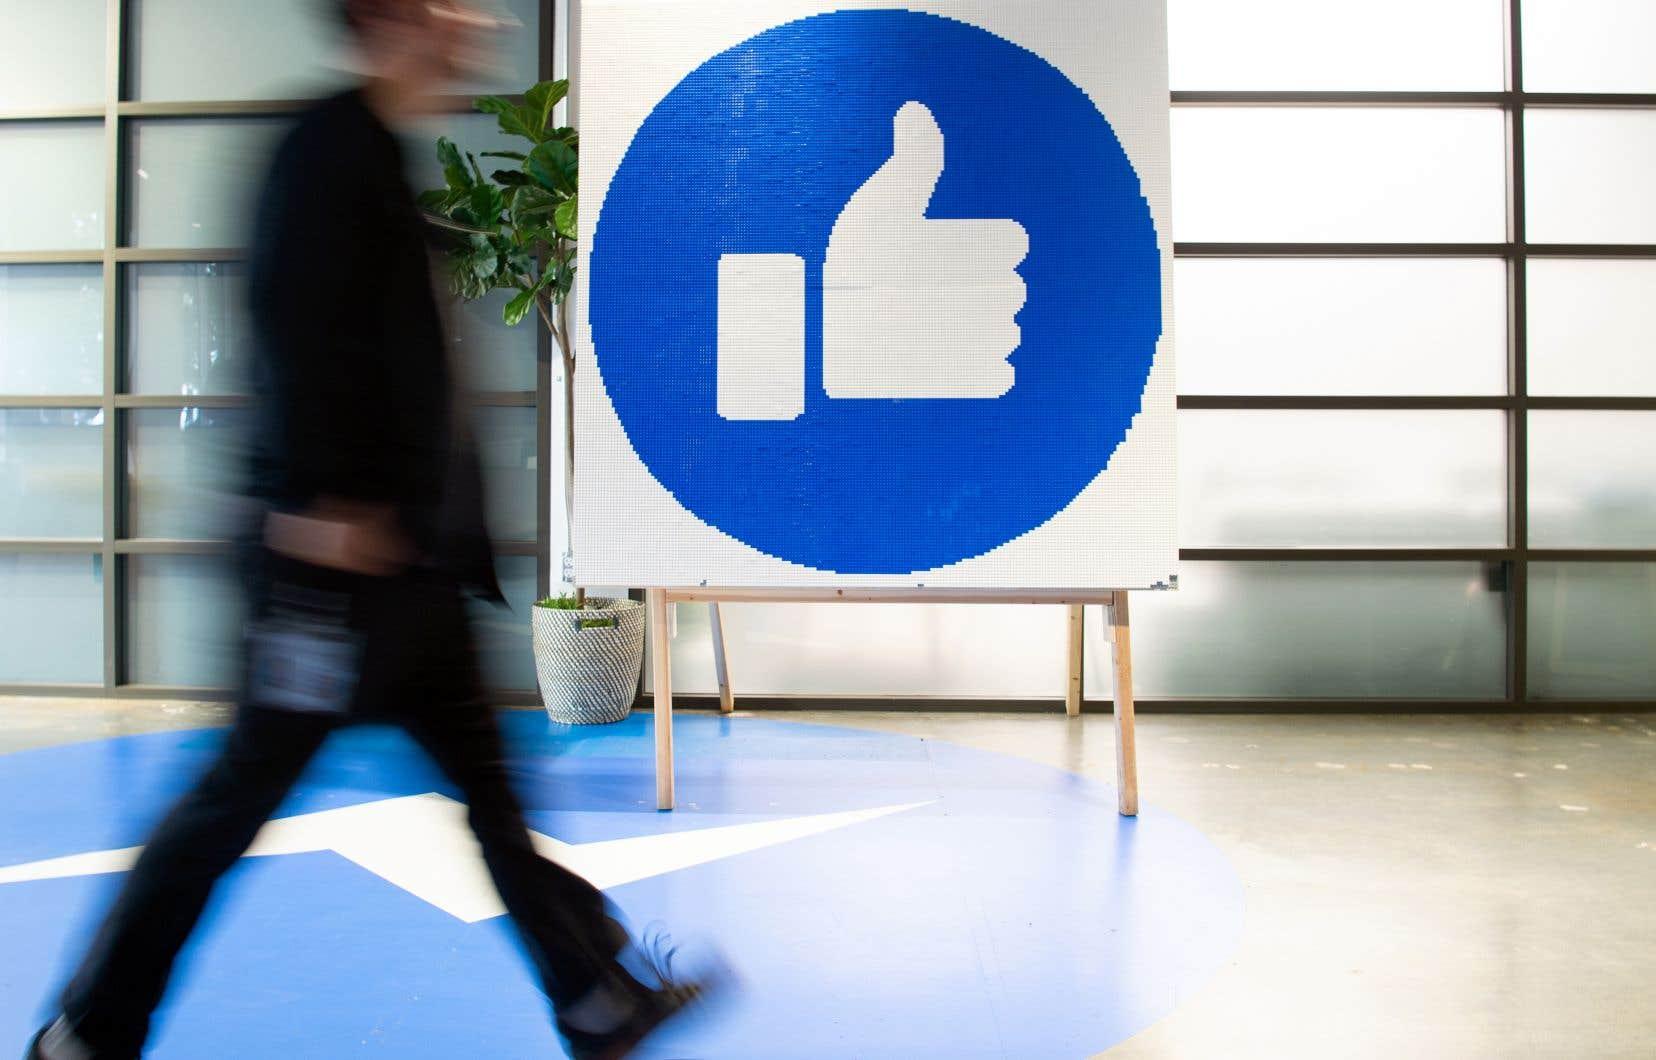 Seuls 41% des sondés disent faire suffisamment confiance à Facebook pour y entrer leurs informations.